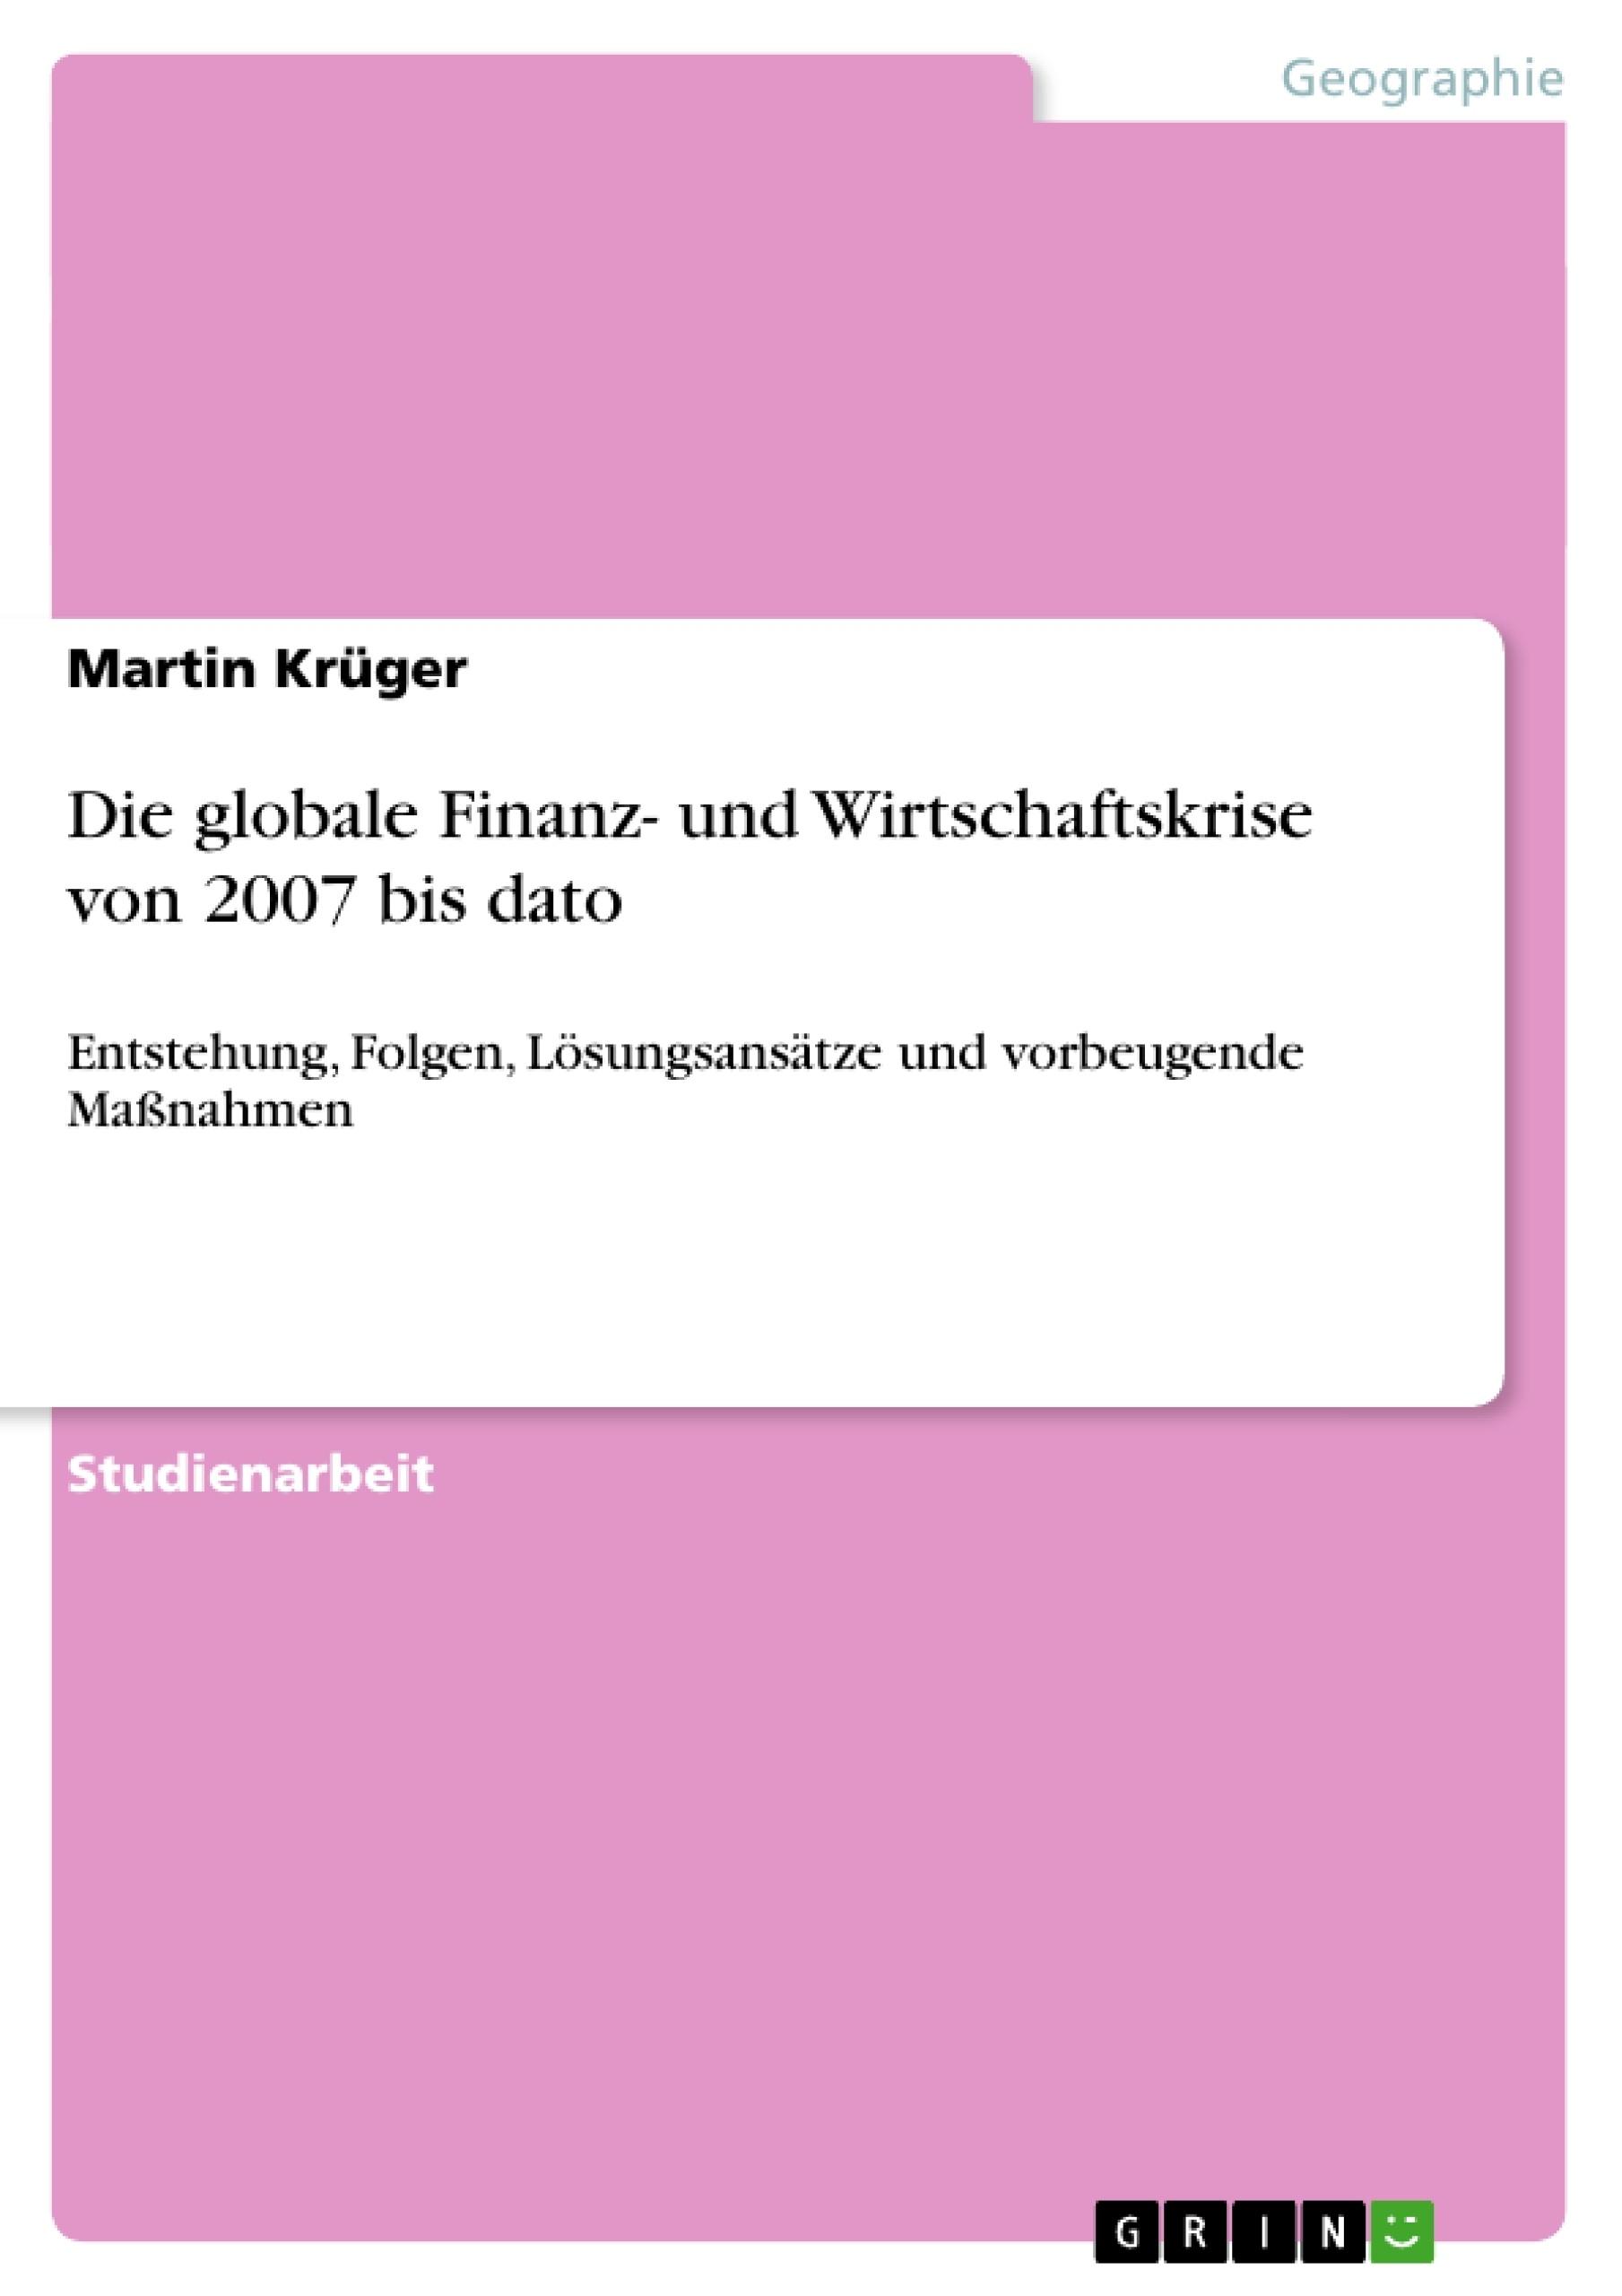 Titel: Die globale Finanz- und Wirtschaftskrise von 2007 bis dato